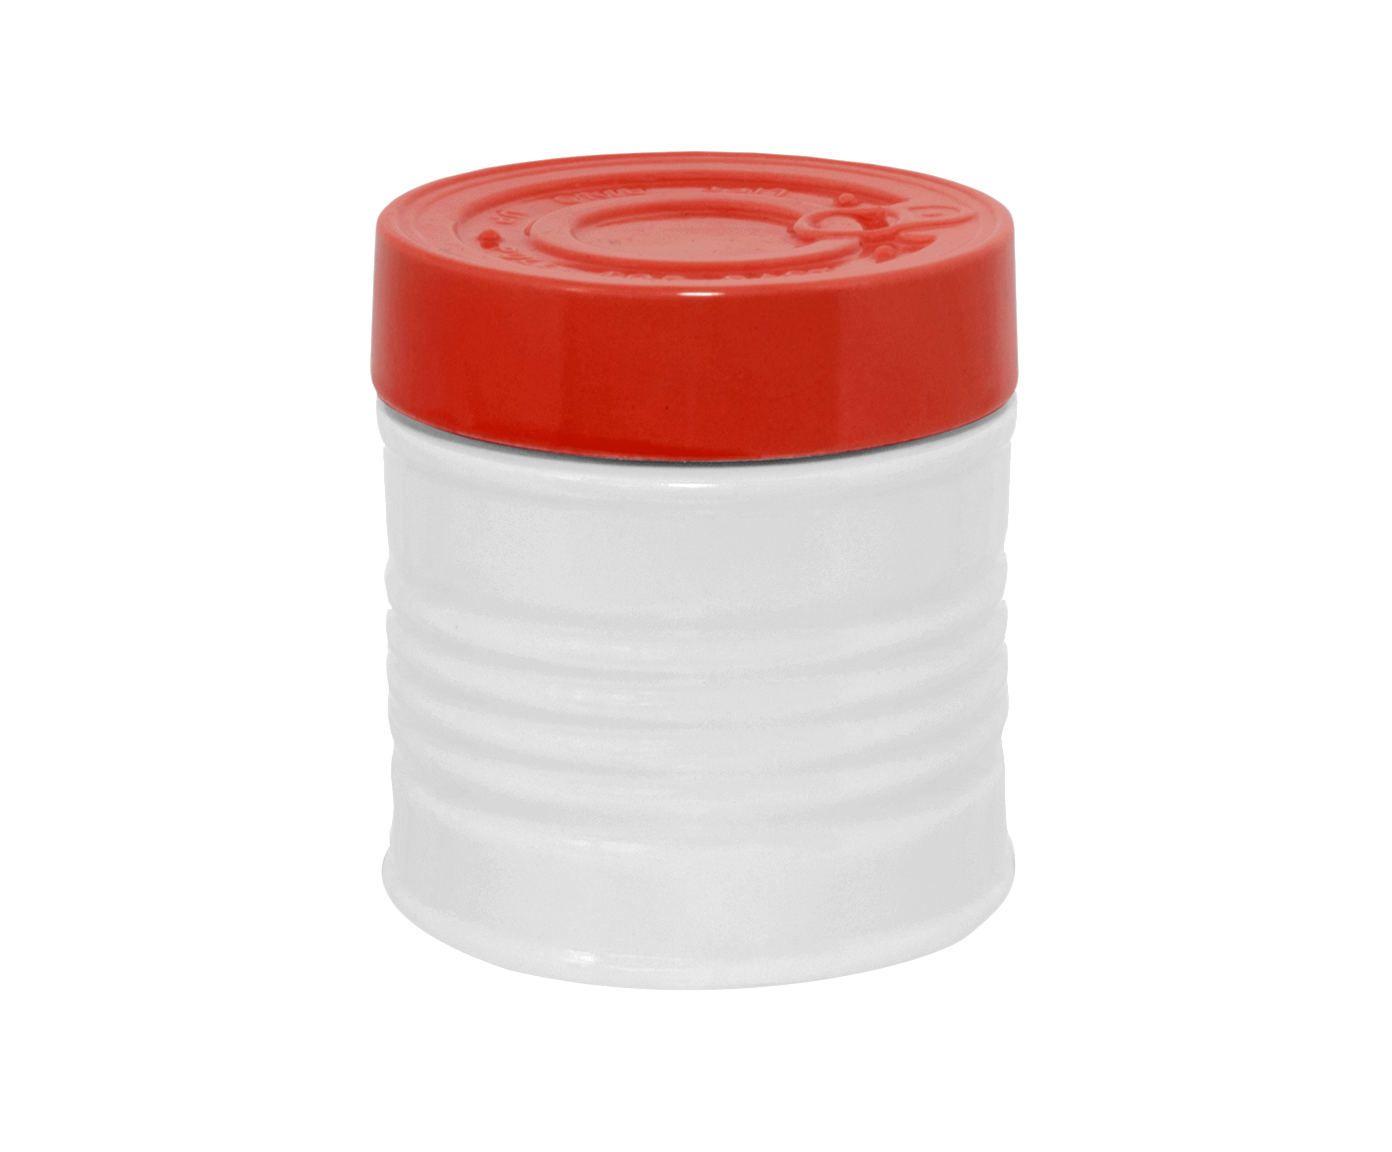 Pote com Tampa Can Vermelho e Branco - 700ml   Westwing.com.br